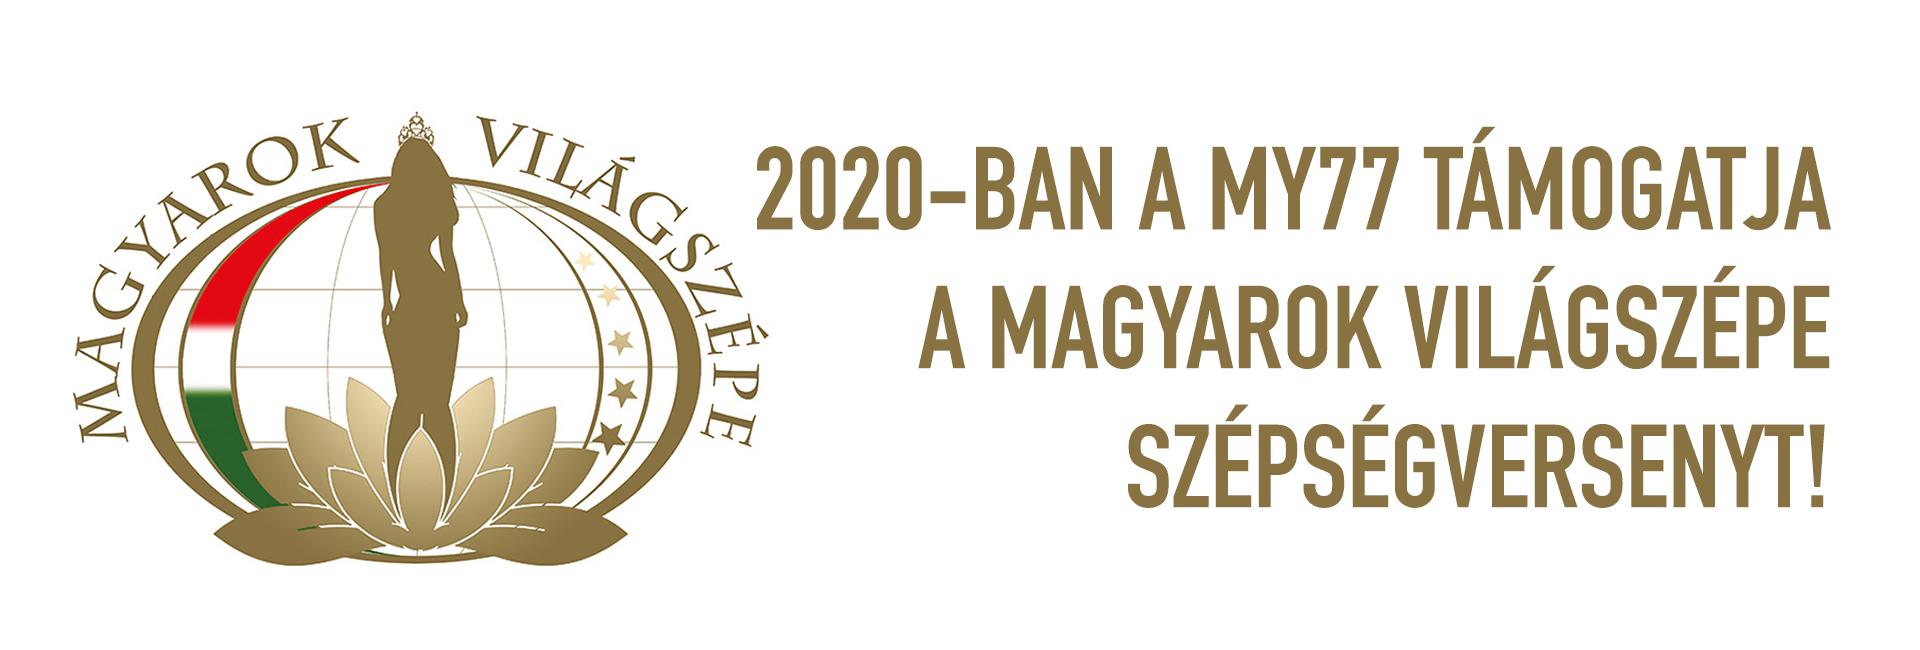 MY77 magyarok világszépe szépségverseny